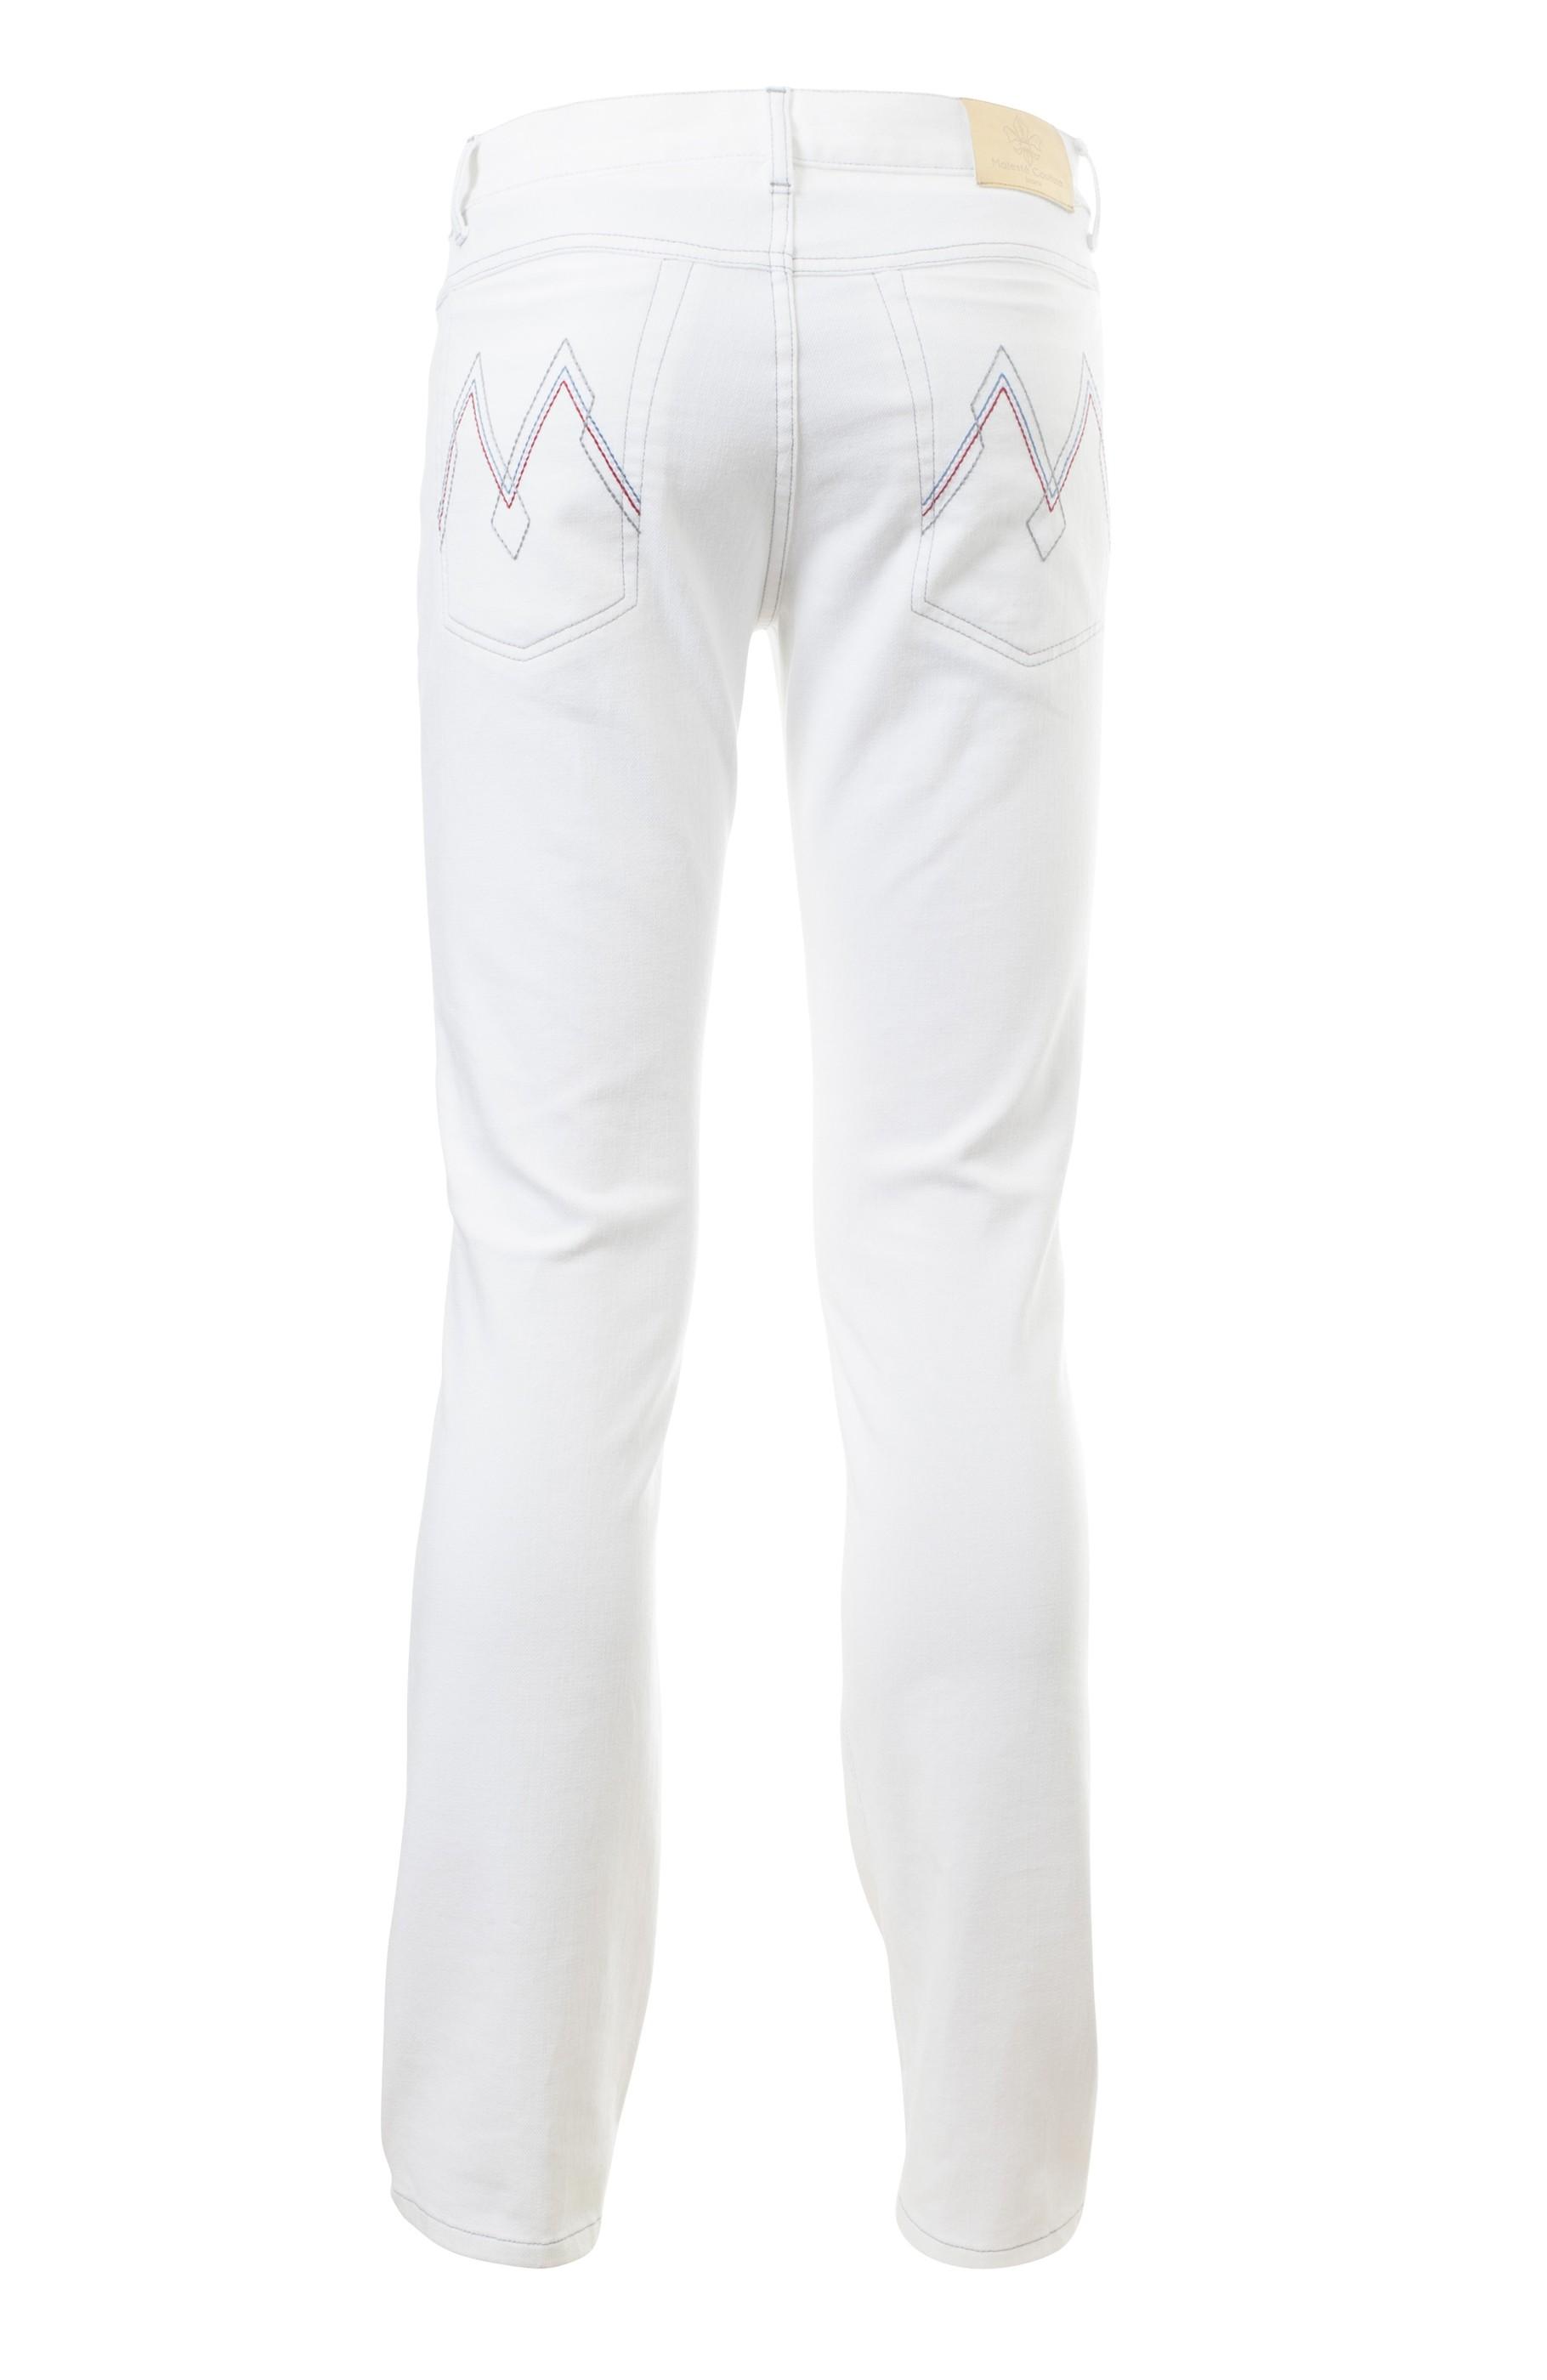 Majesté Couture Paris: MJ-536 WHITE JEANS | Clothing,Clothing > Jeans -  Hiphunters Shop